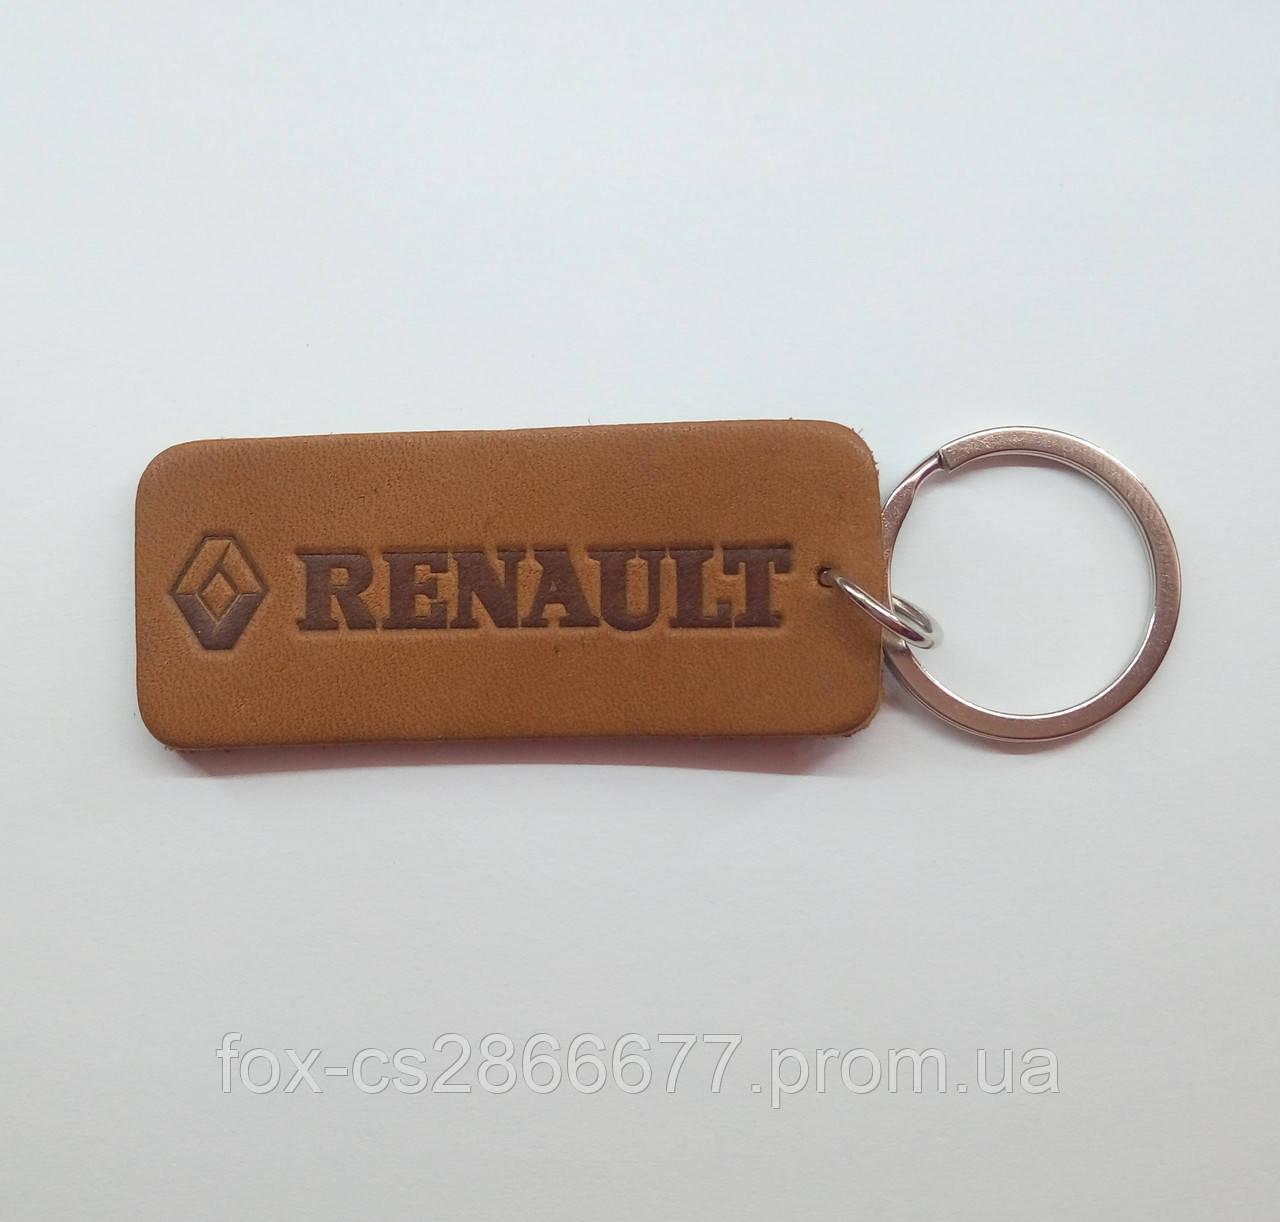 Кожаный брелок / Марки авто / Renault